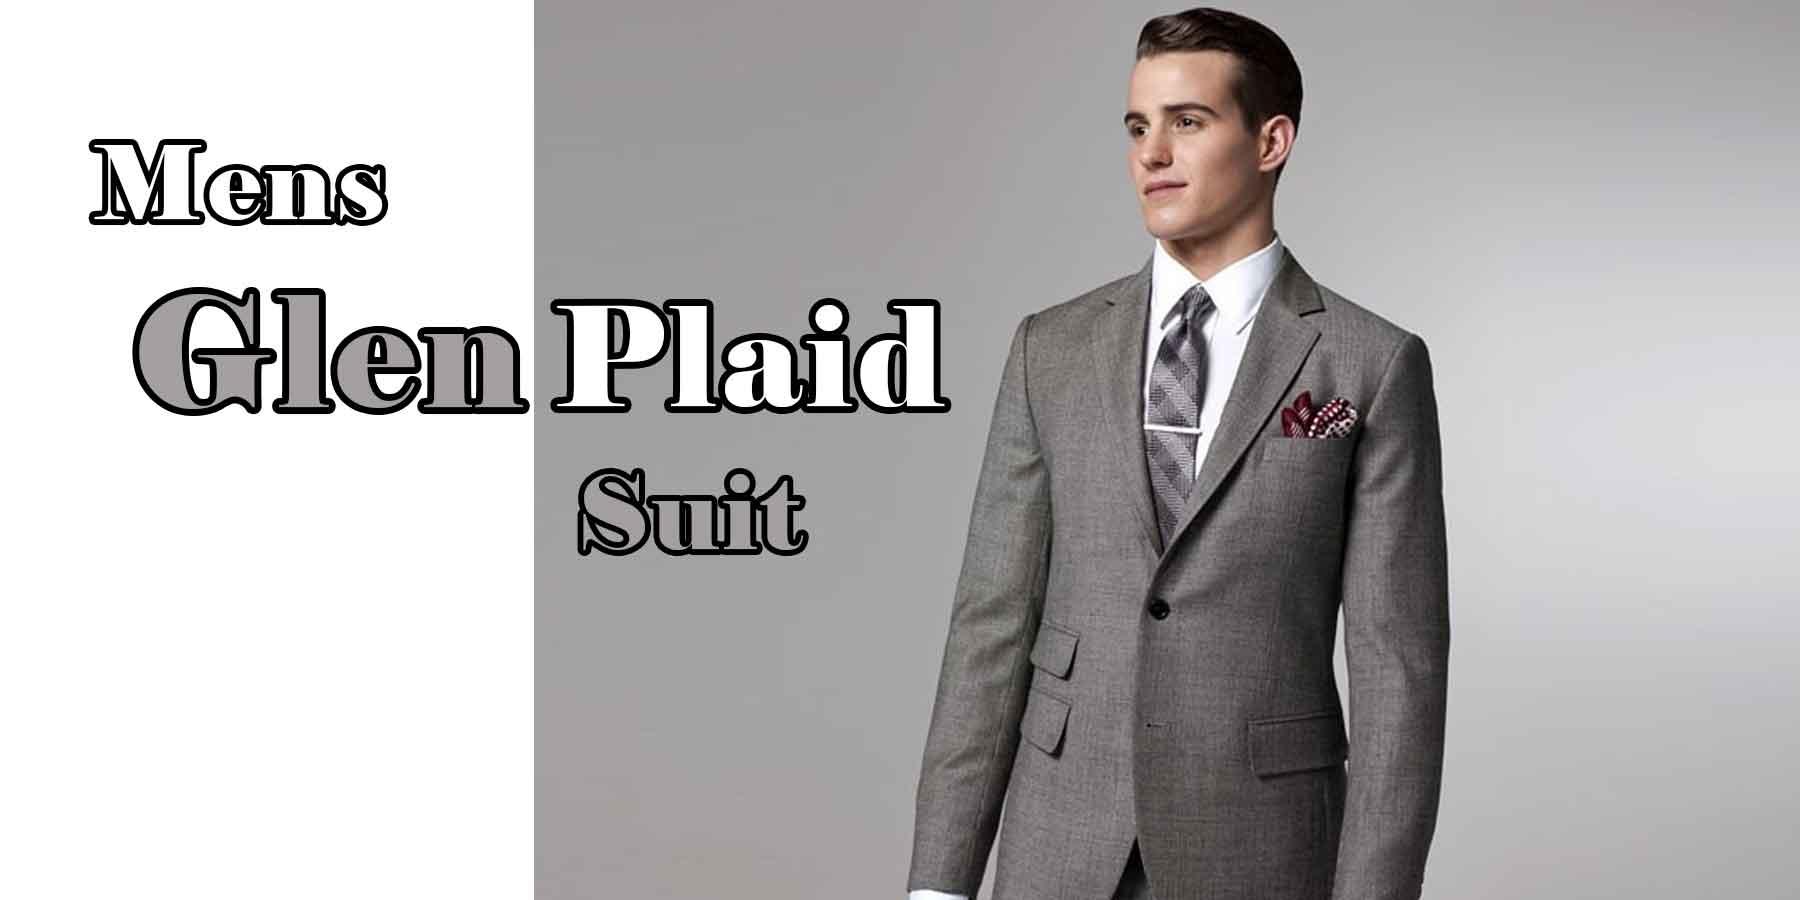 Mens-Glen-Plaid-suit